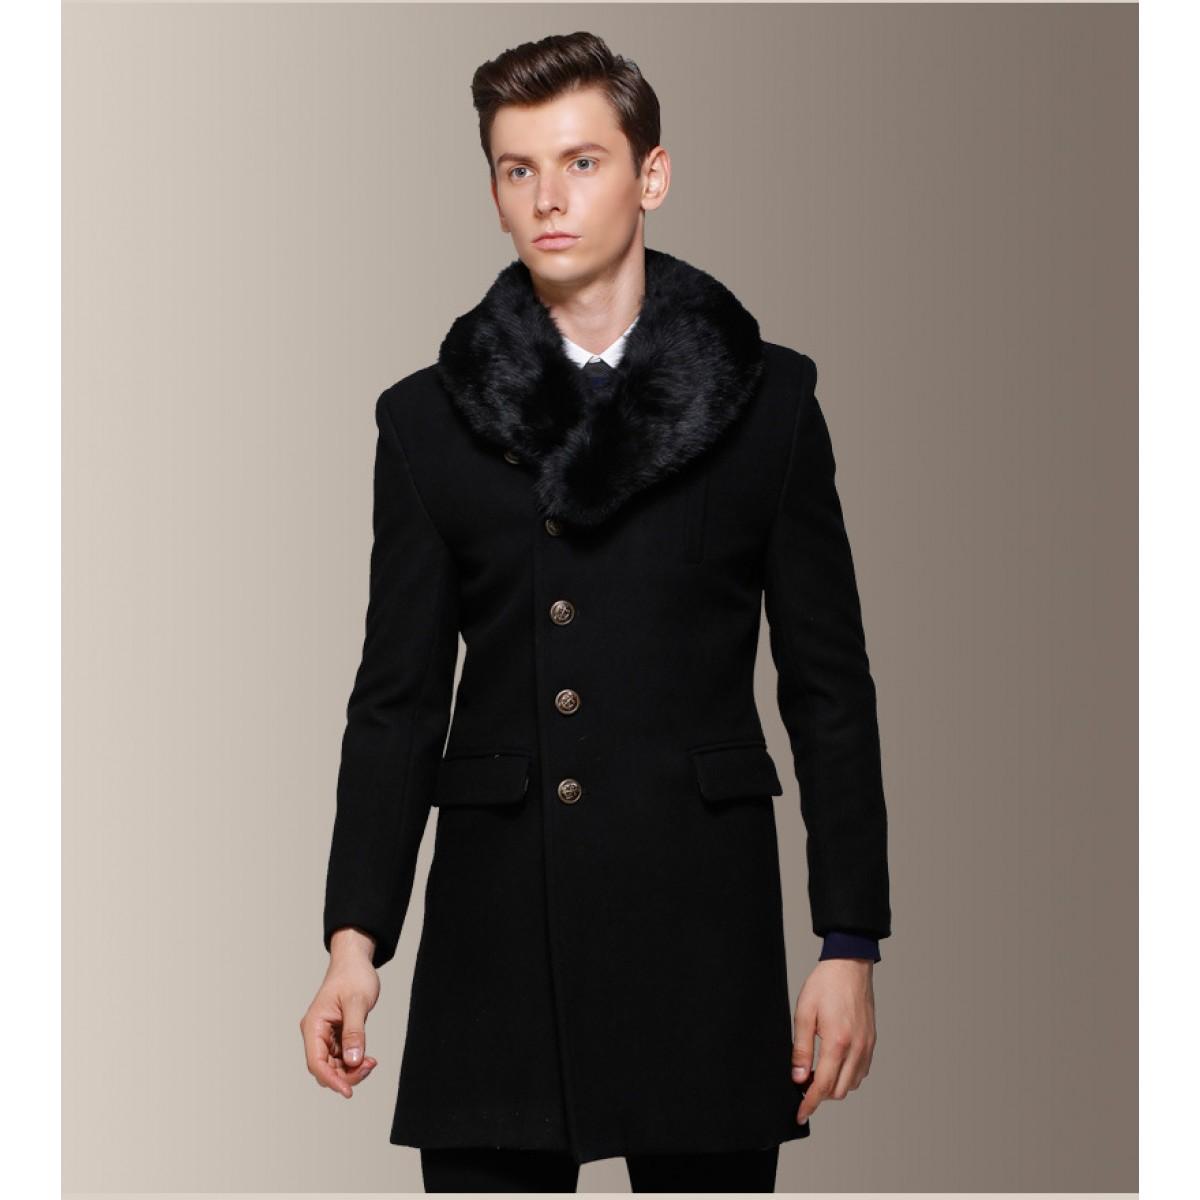 manteau homme avec col fourrure